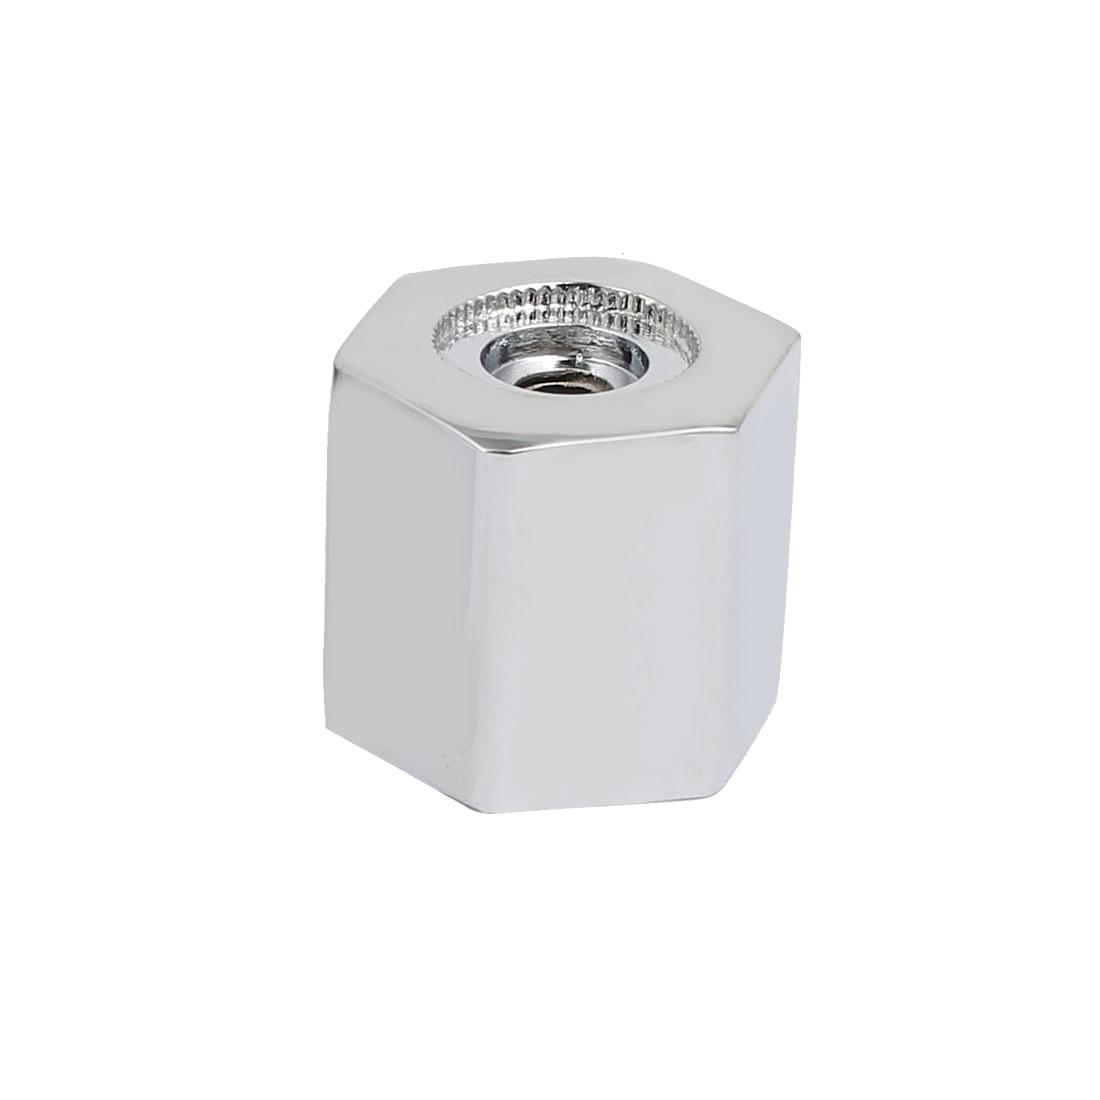 8mm Spline Screw Mount Zinc Alloy Chrome Plated Hexagon Shape Faucet Handle